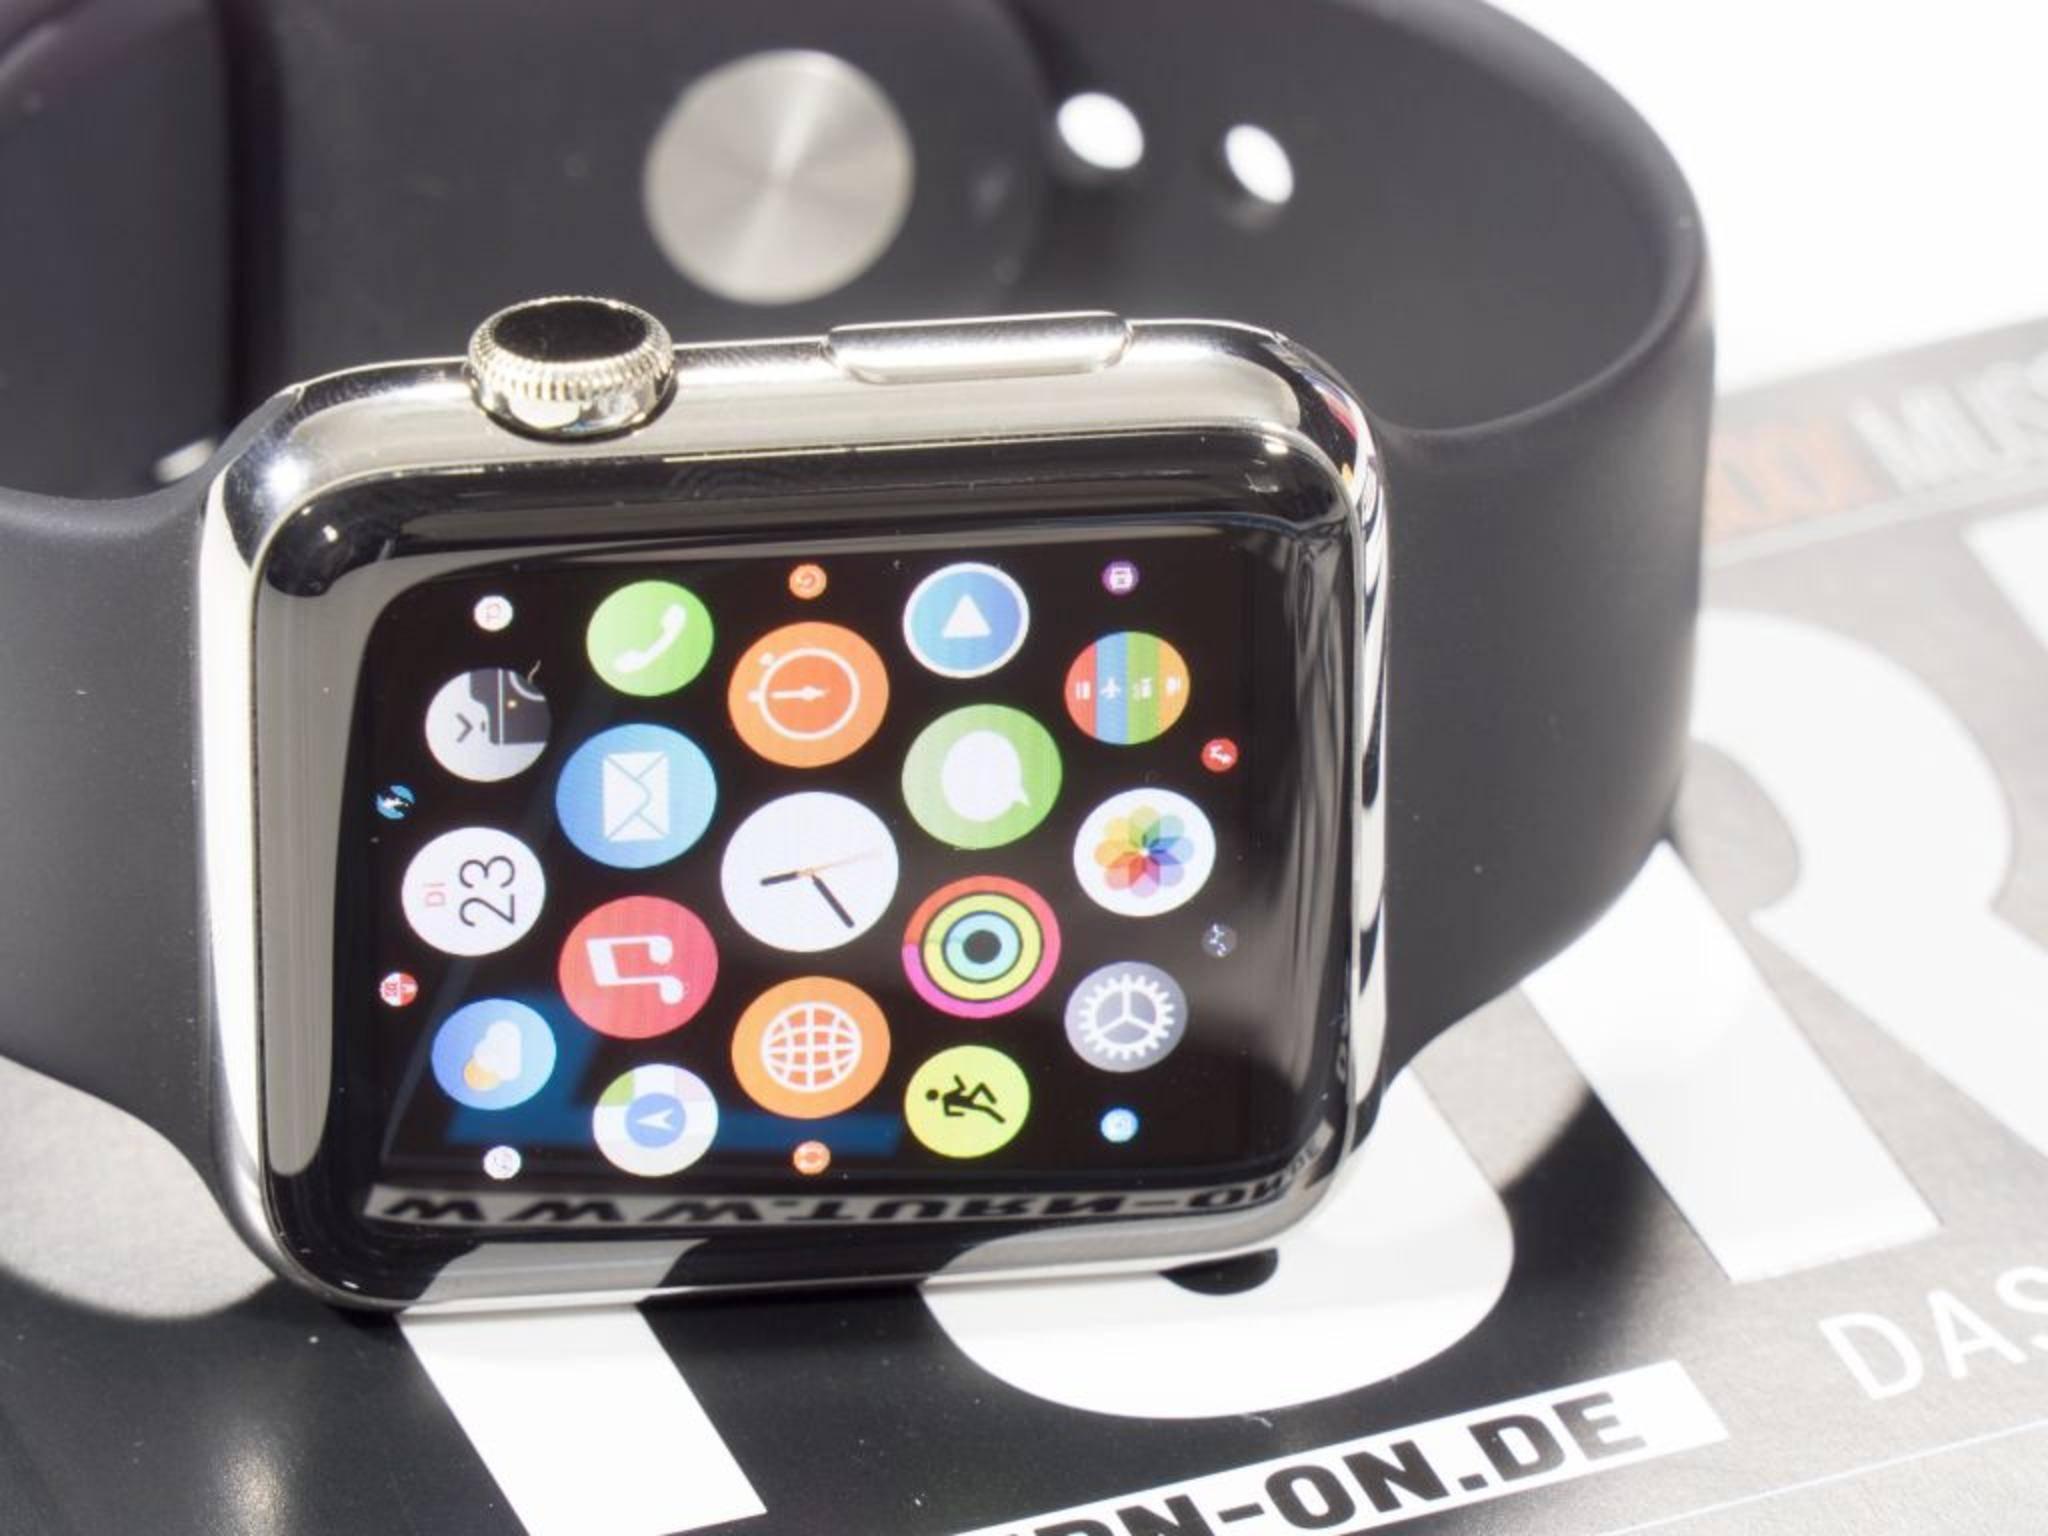 In nur drei Monaten wurden rund 3,6 Millionen Apple Watches verkauft.